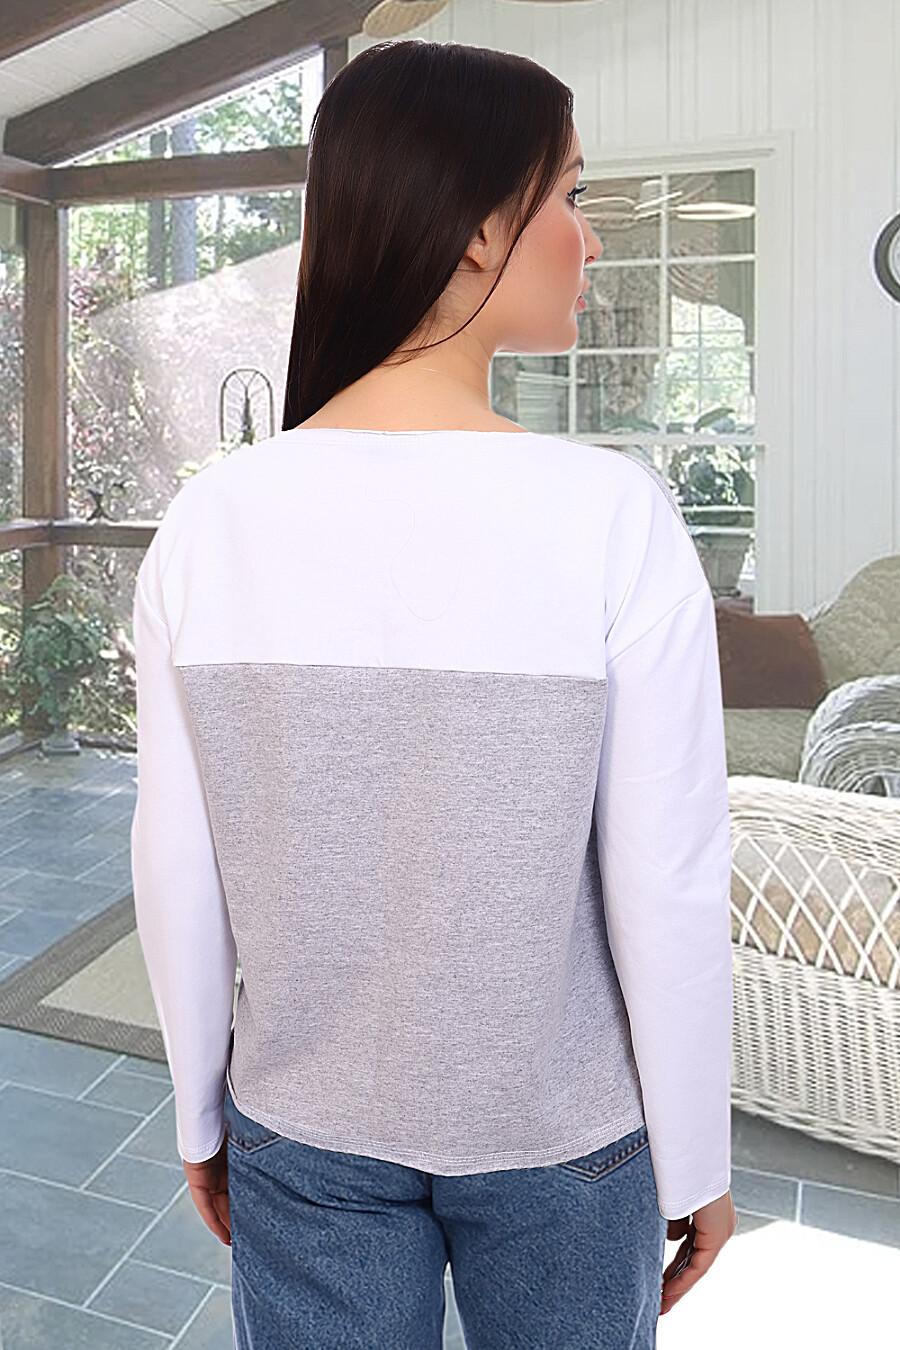 Джемпер Дарси для женщин НАТАЛИ 288384 купить оптом от производителя. Совместная покупка женской одежды в OptMoyo